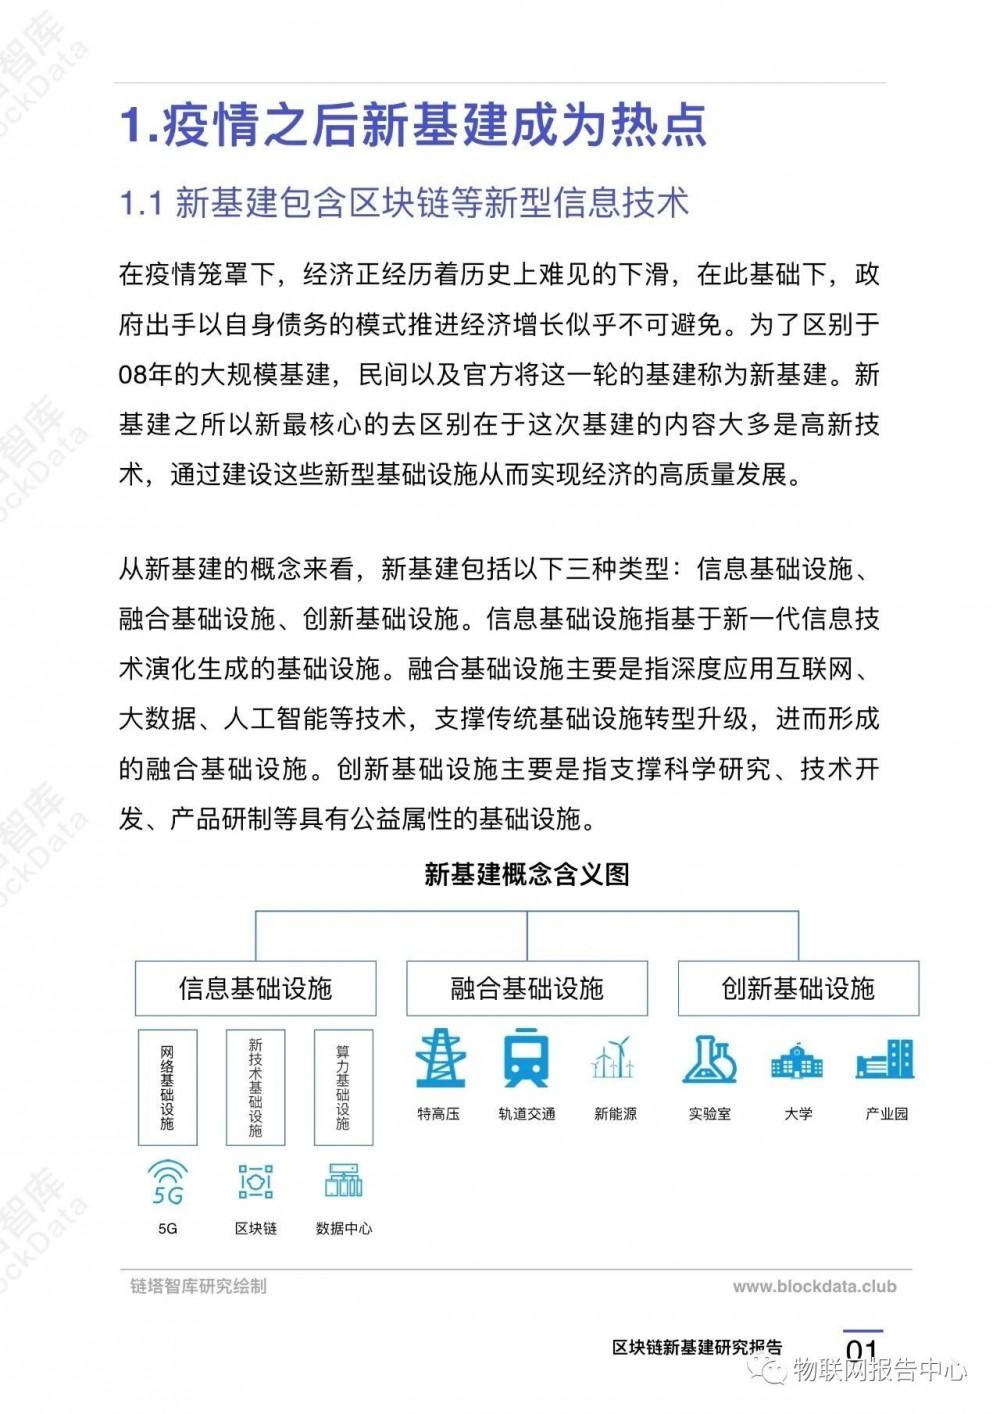 区块链应用之九:中国新基建区块链重点项目配图(4)